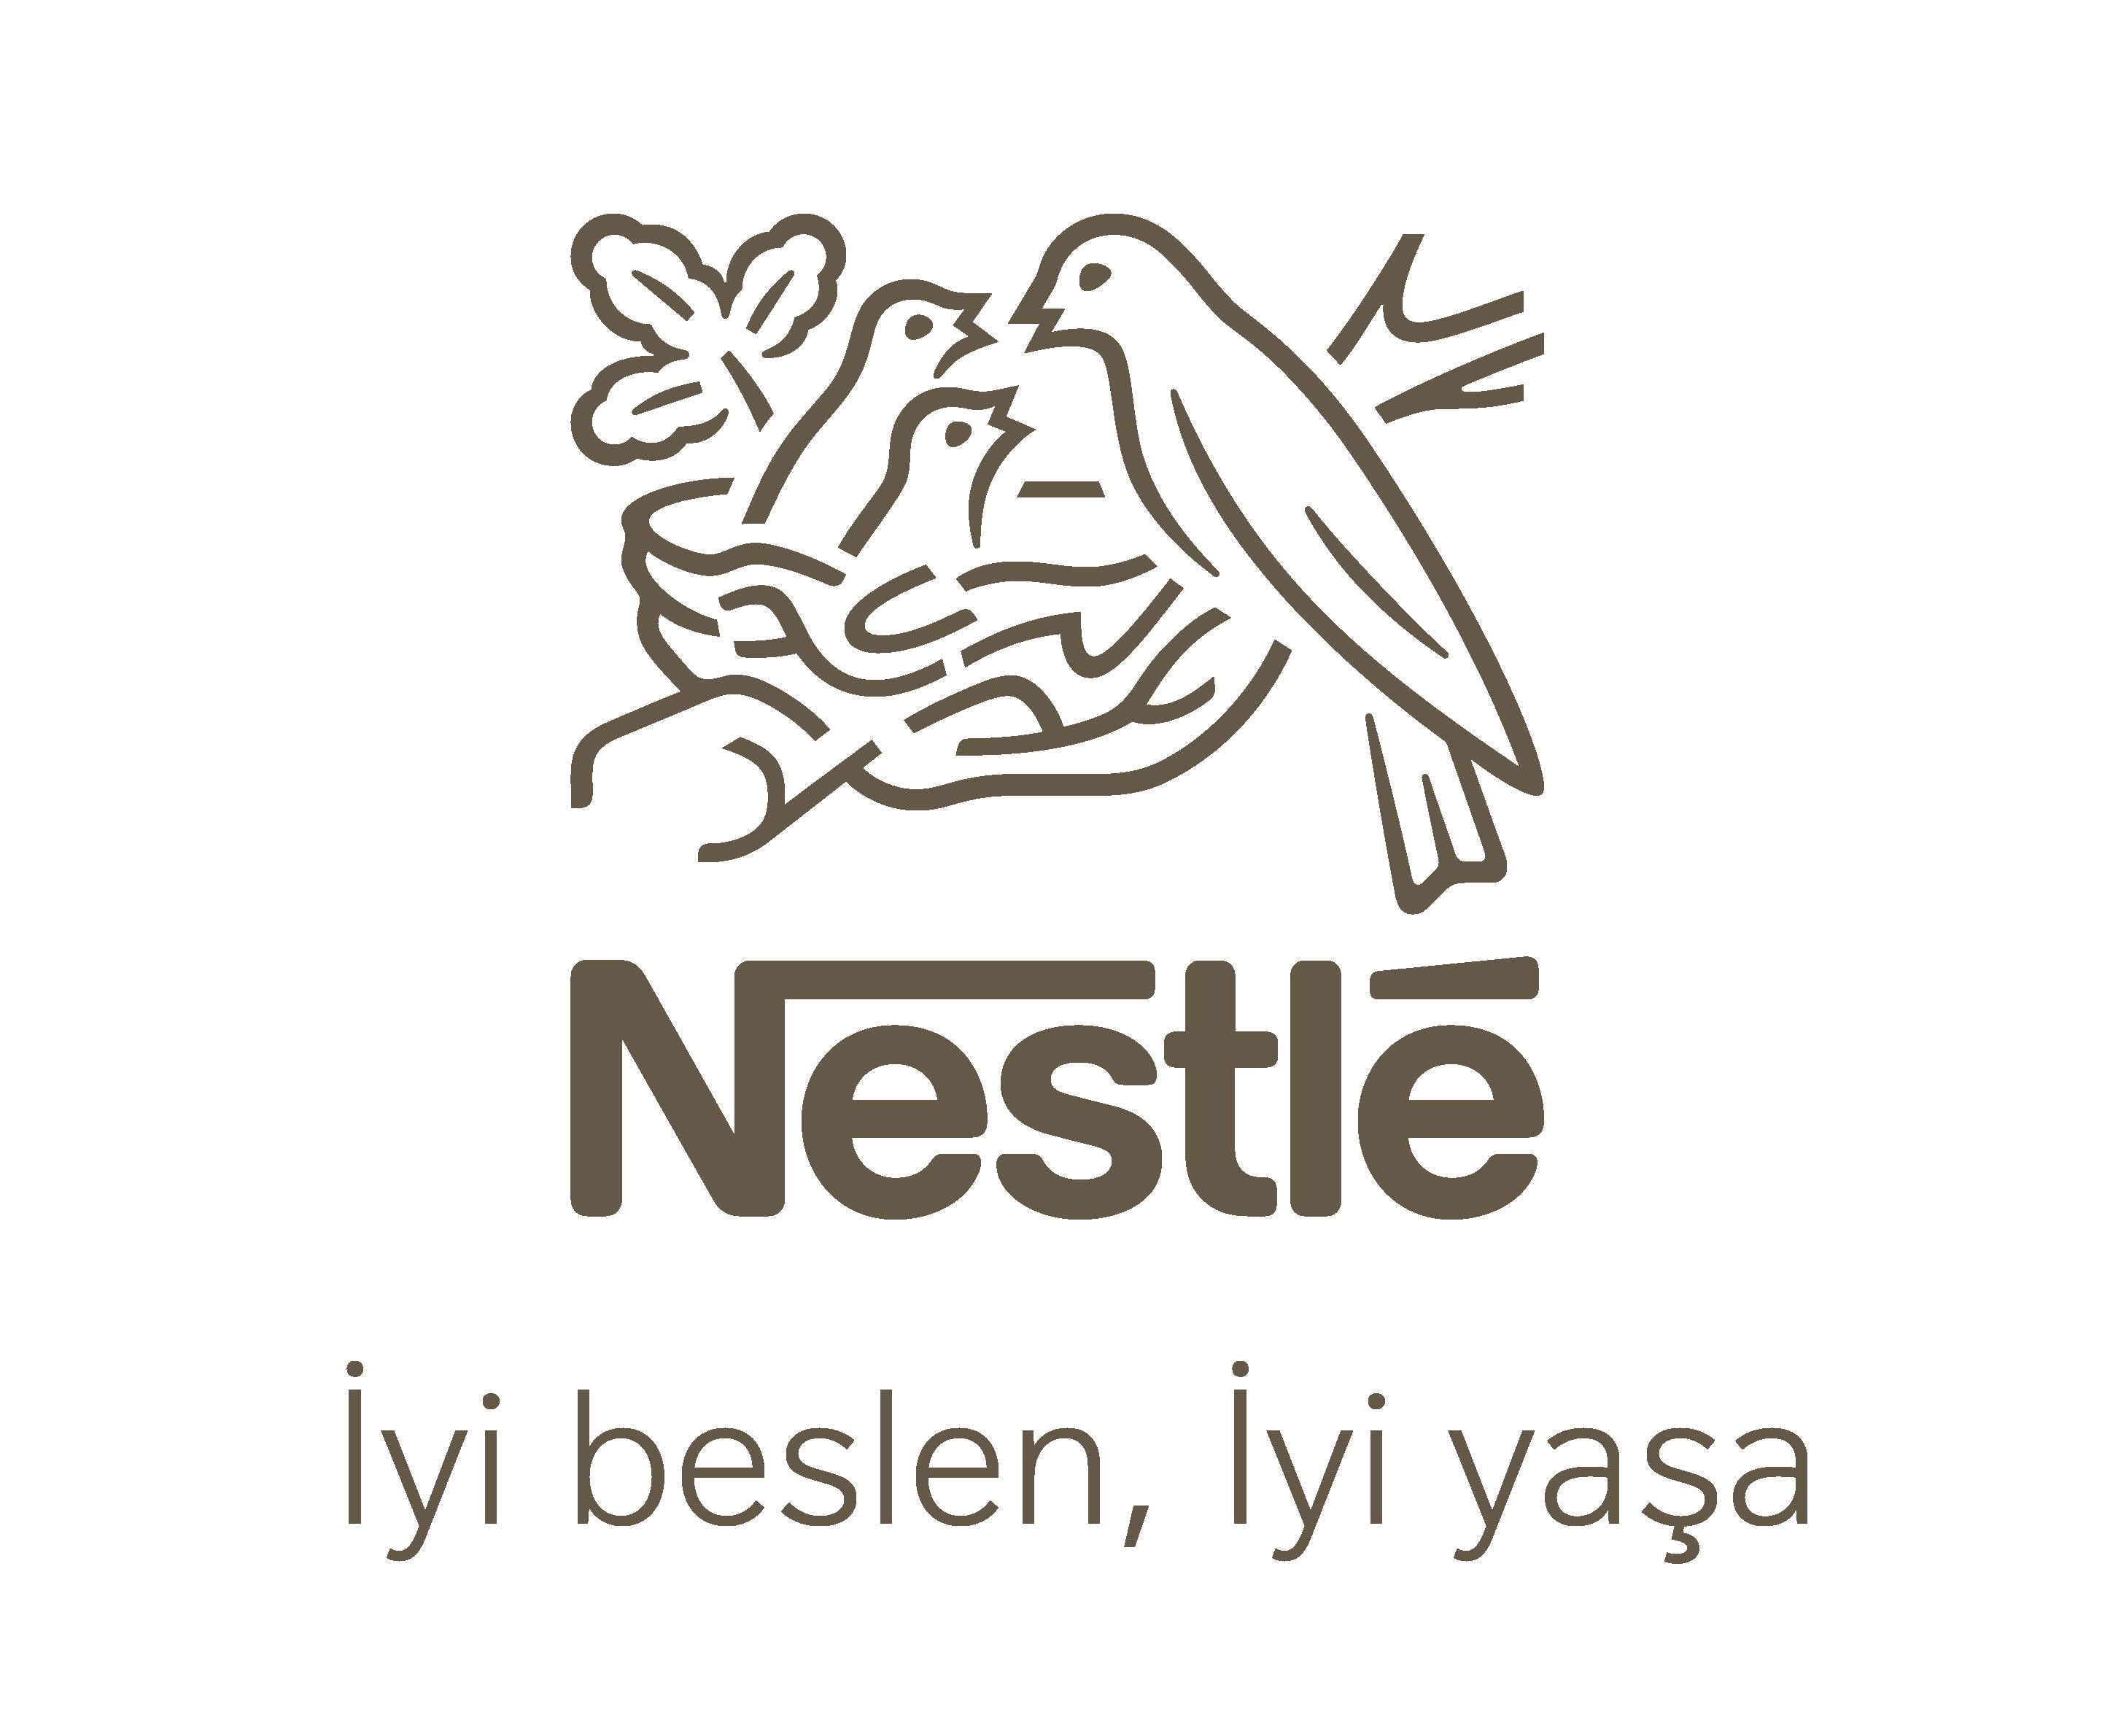 """Nestlé """"Aile Dostu İşveren"""" uygulamalarını güçlendiriyor"""